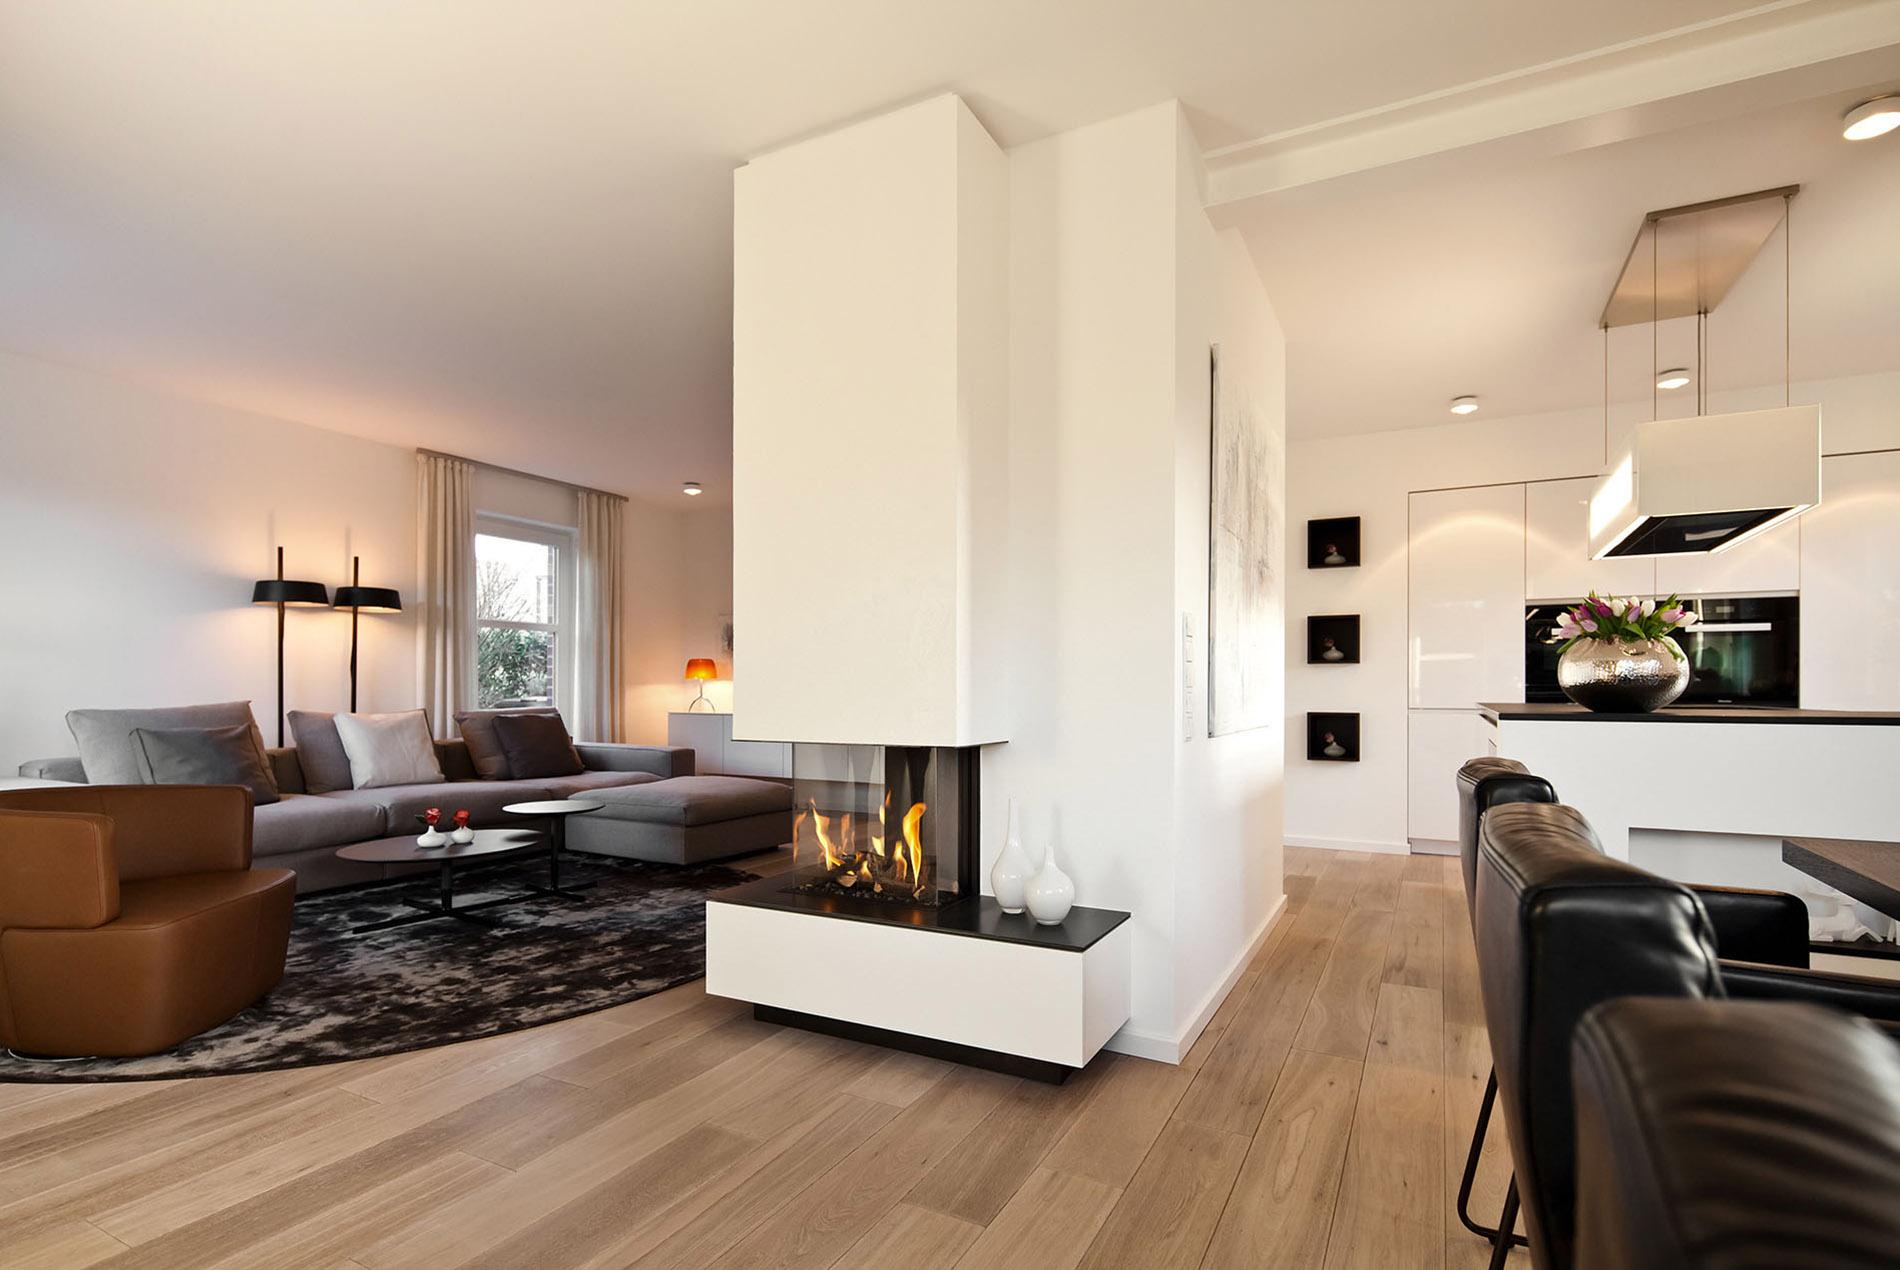 tv kamin kombination im wohnzimmer tischlerei sch pker. Black Bedroom Furniture Sets. Home Design Ideas